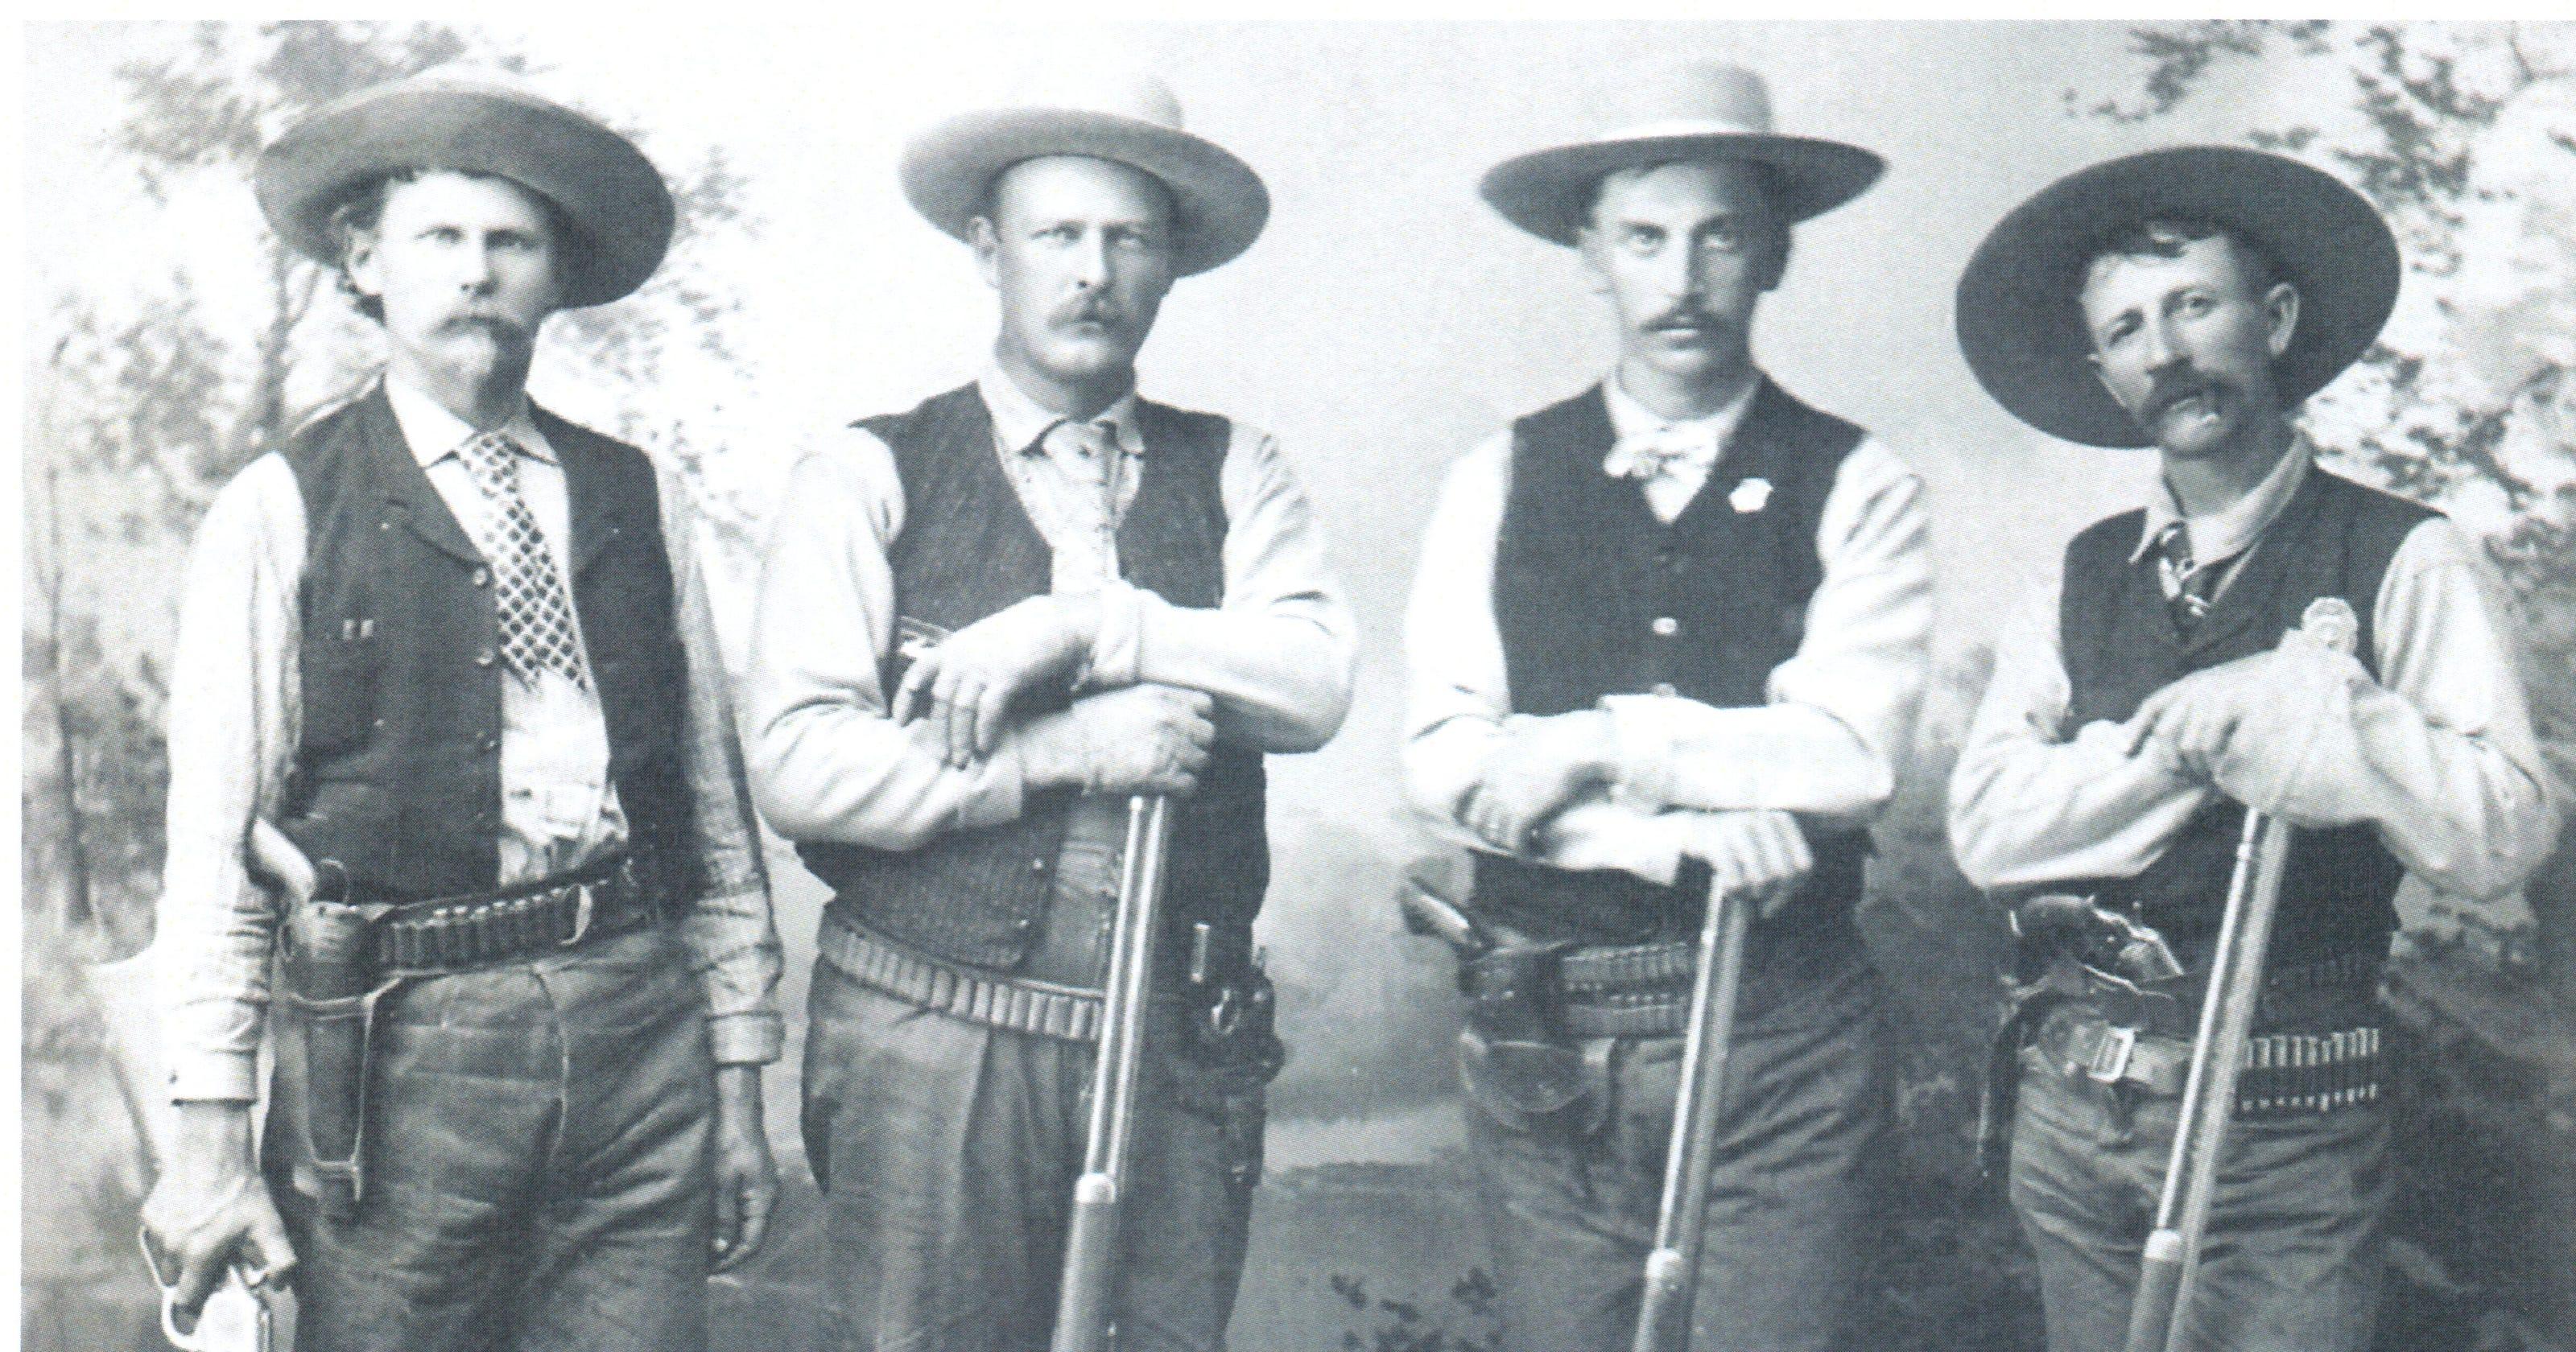 837db60a0d4 Arizona s Outlaws and Lawmen